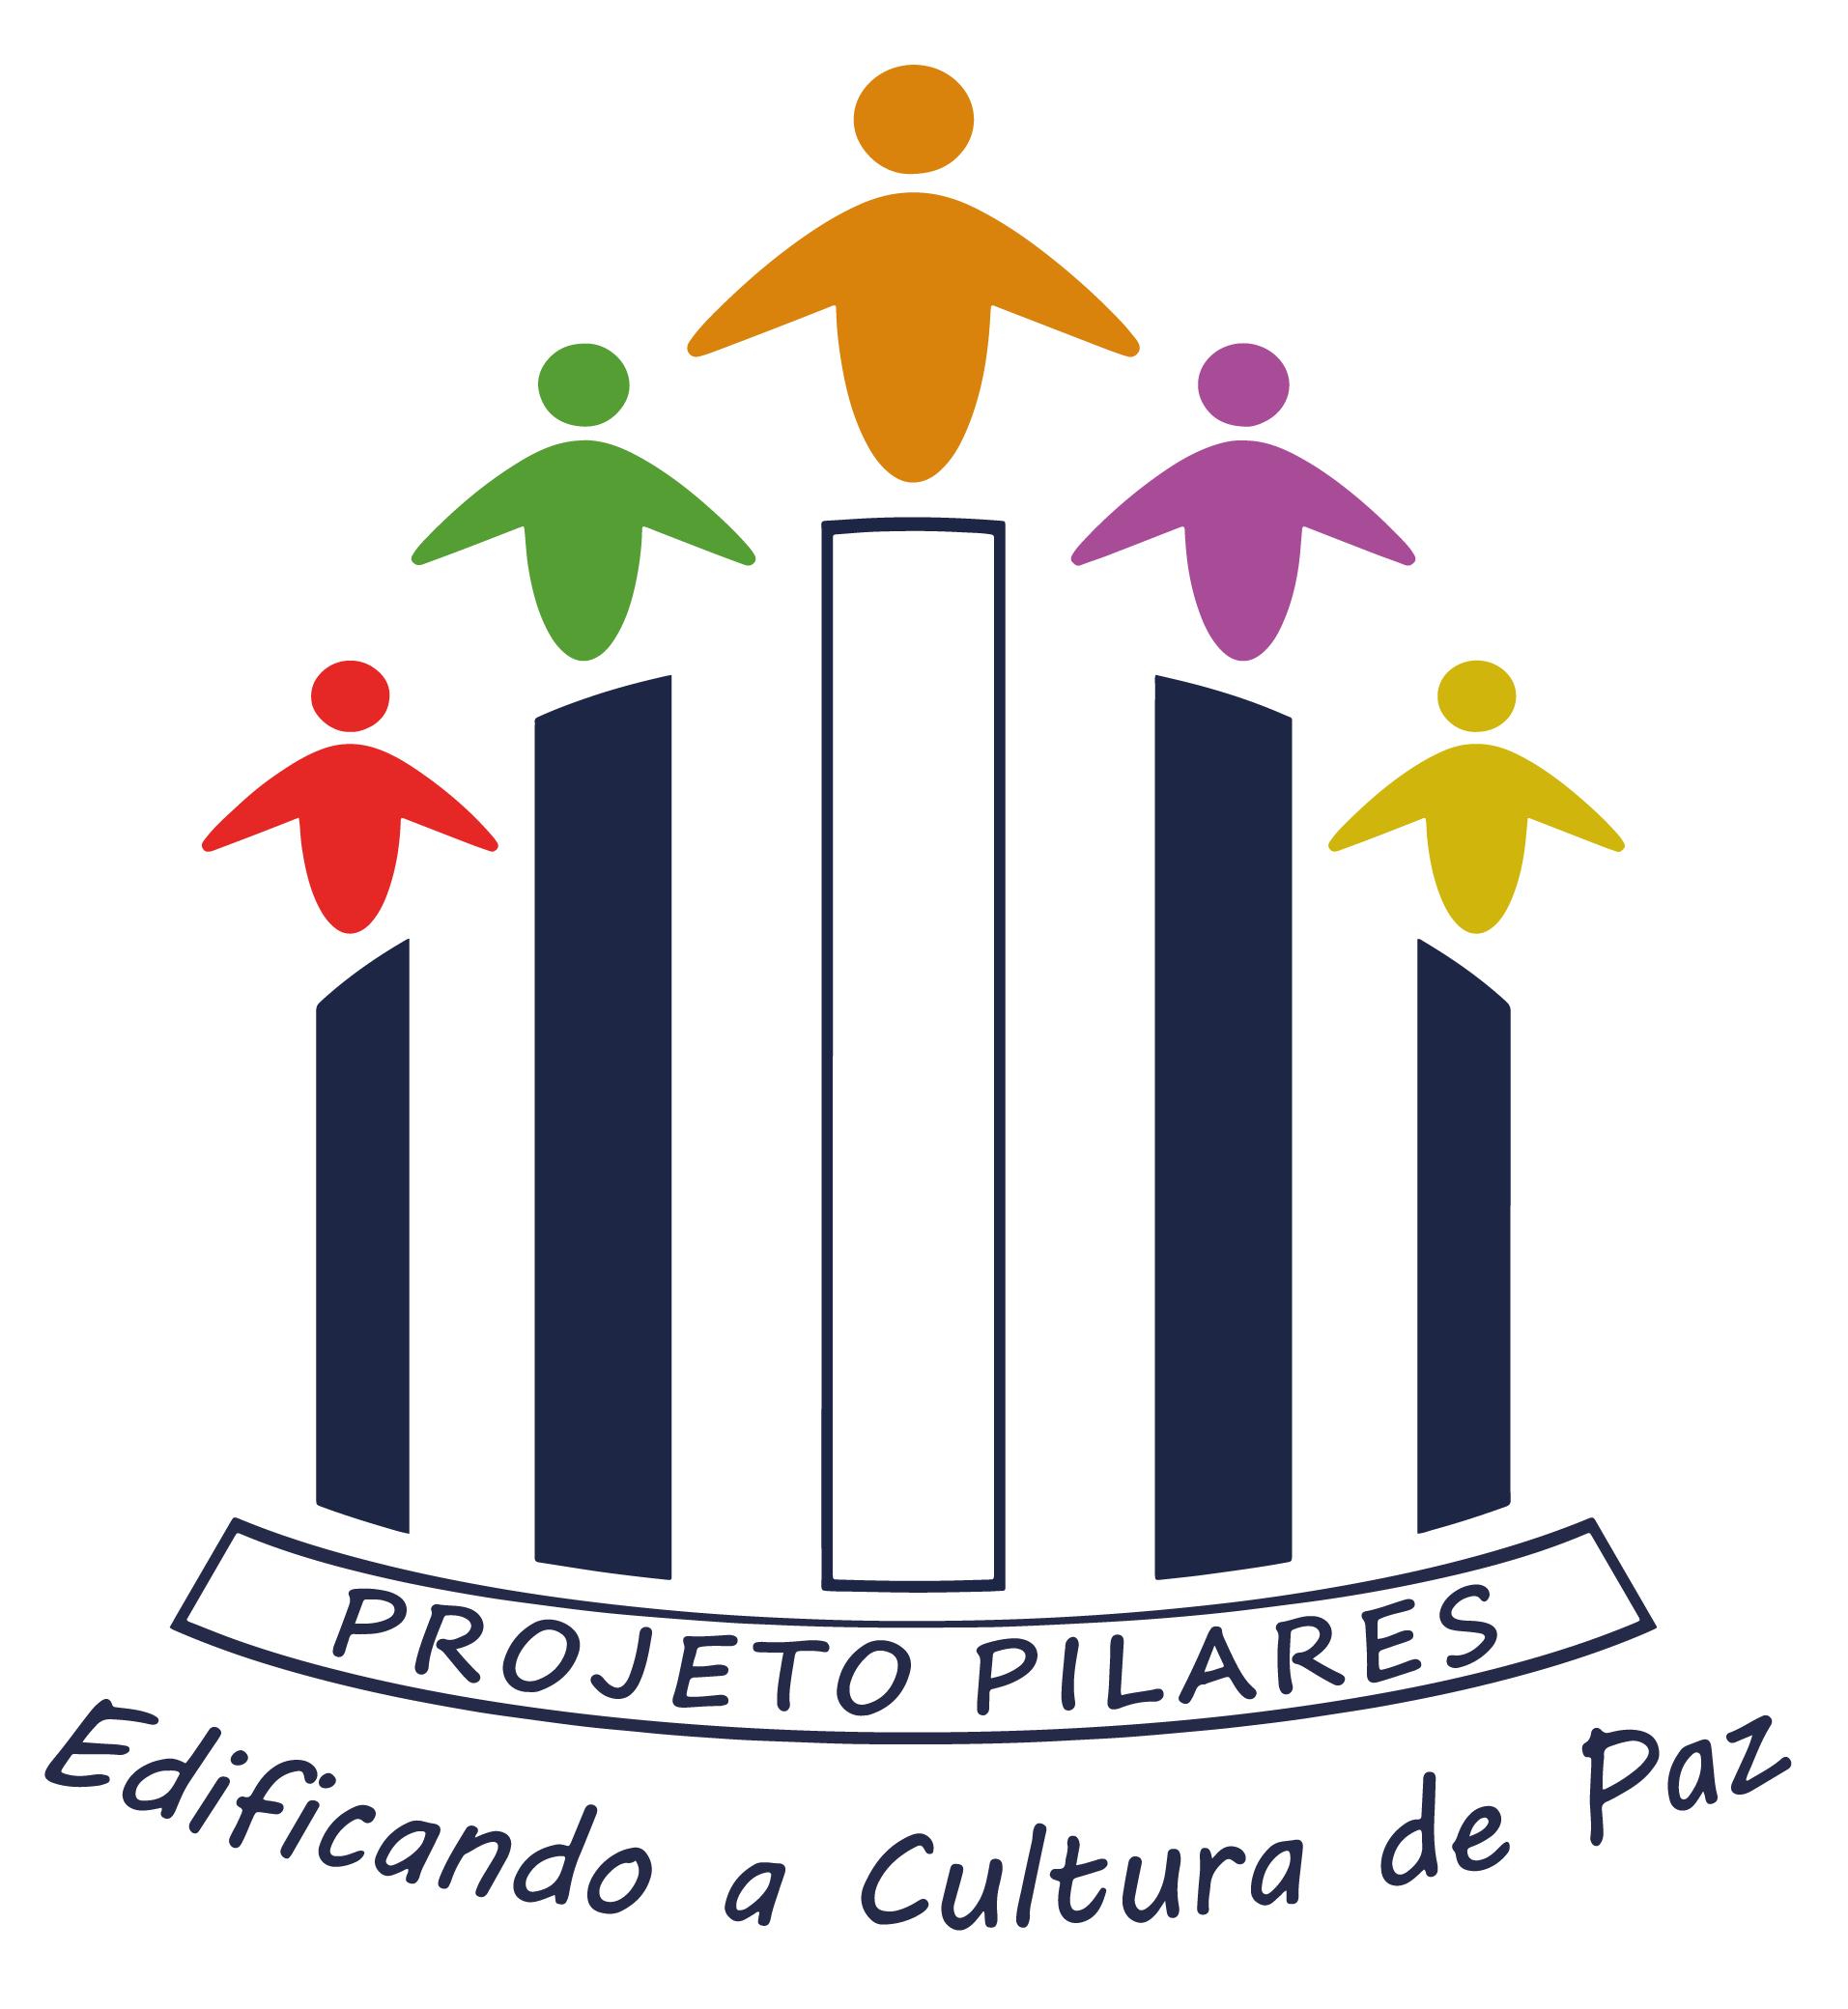 Course Image Formação de Facilitadores em Círculos de Justiça Restaurativa e Construção de Paz do Projeto Pilares - Turma 1